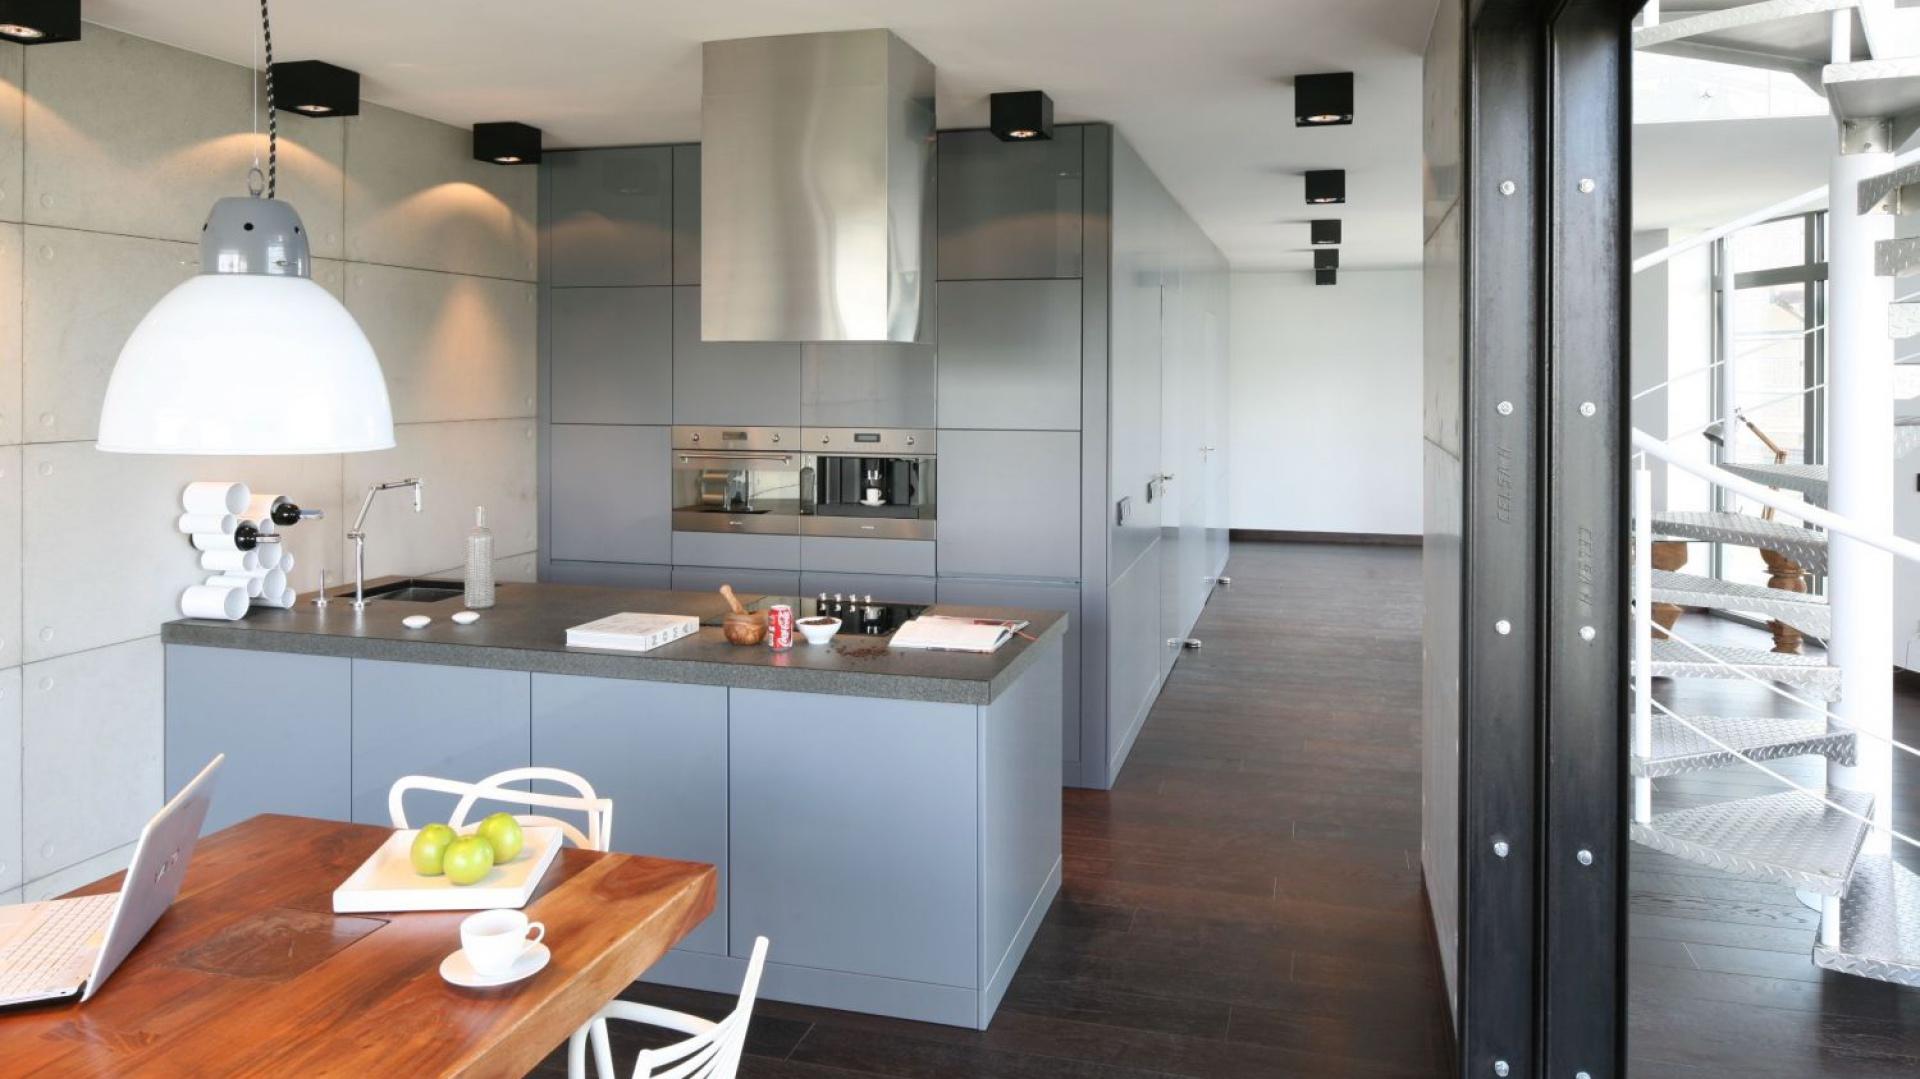 Aranżację kuchni utrzymano w stylu soft loft. Szare, minimalistyczne, nowoczesne meble idealnie współgrają z betonem na ścianie. Projekt: Justyna Smolec. Fot. Bartosz Jarosz.